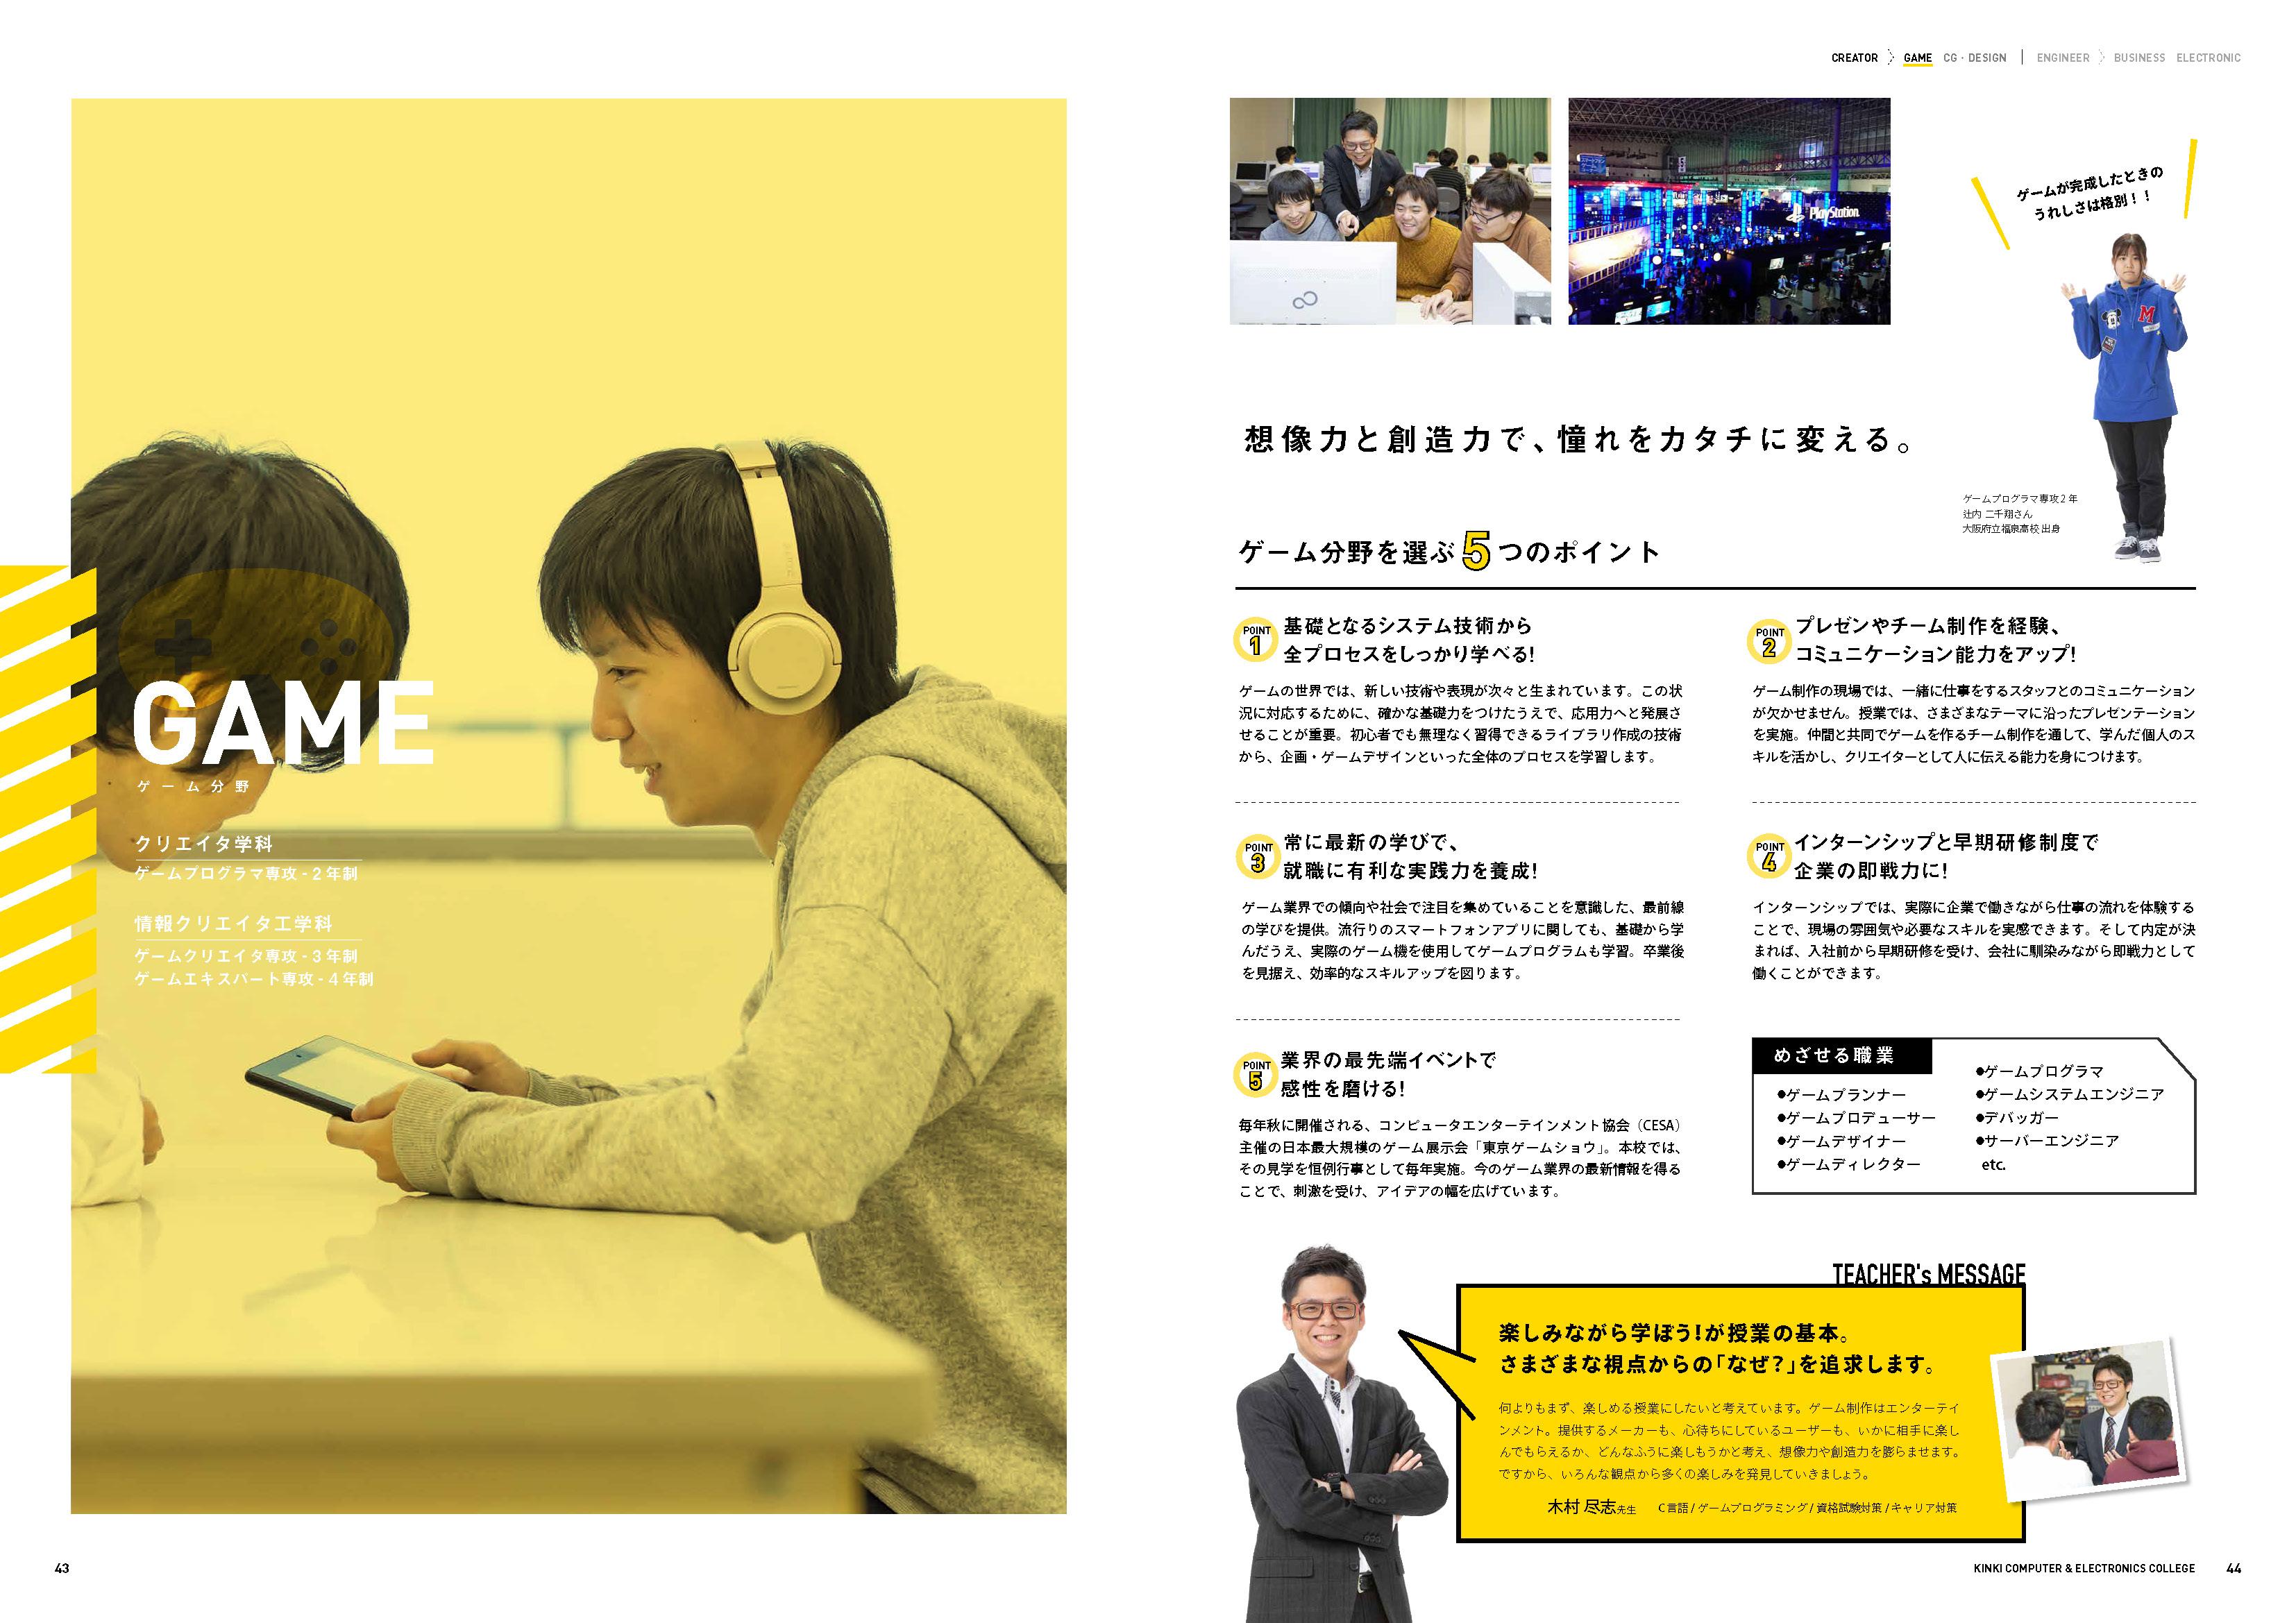 kincom_20200213syukkou__23jpg